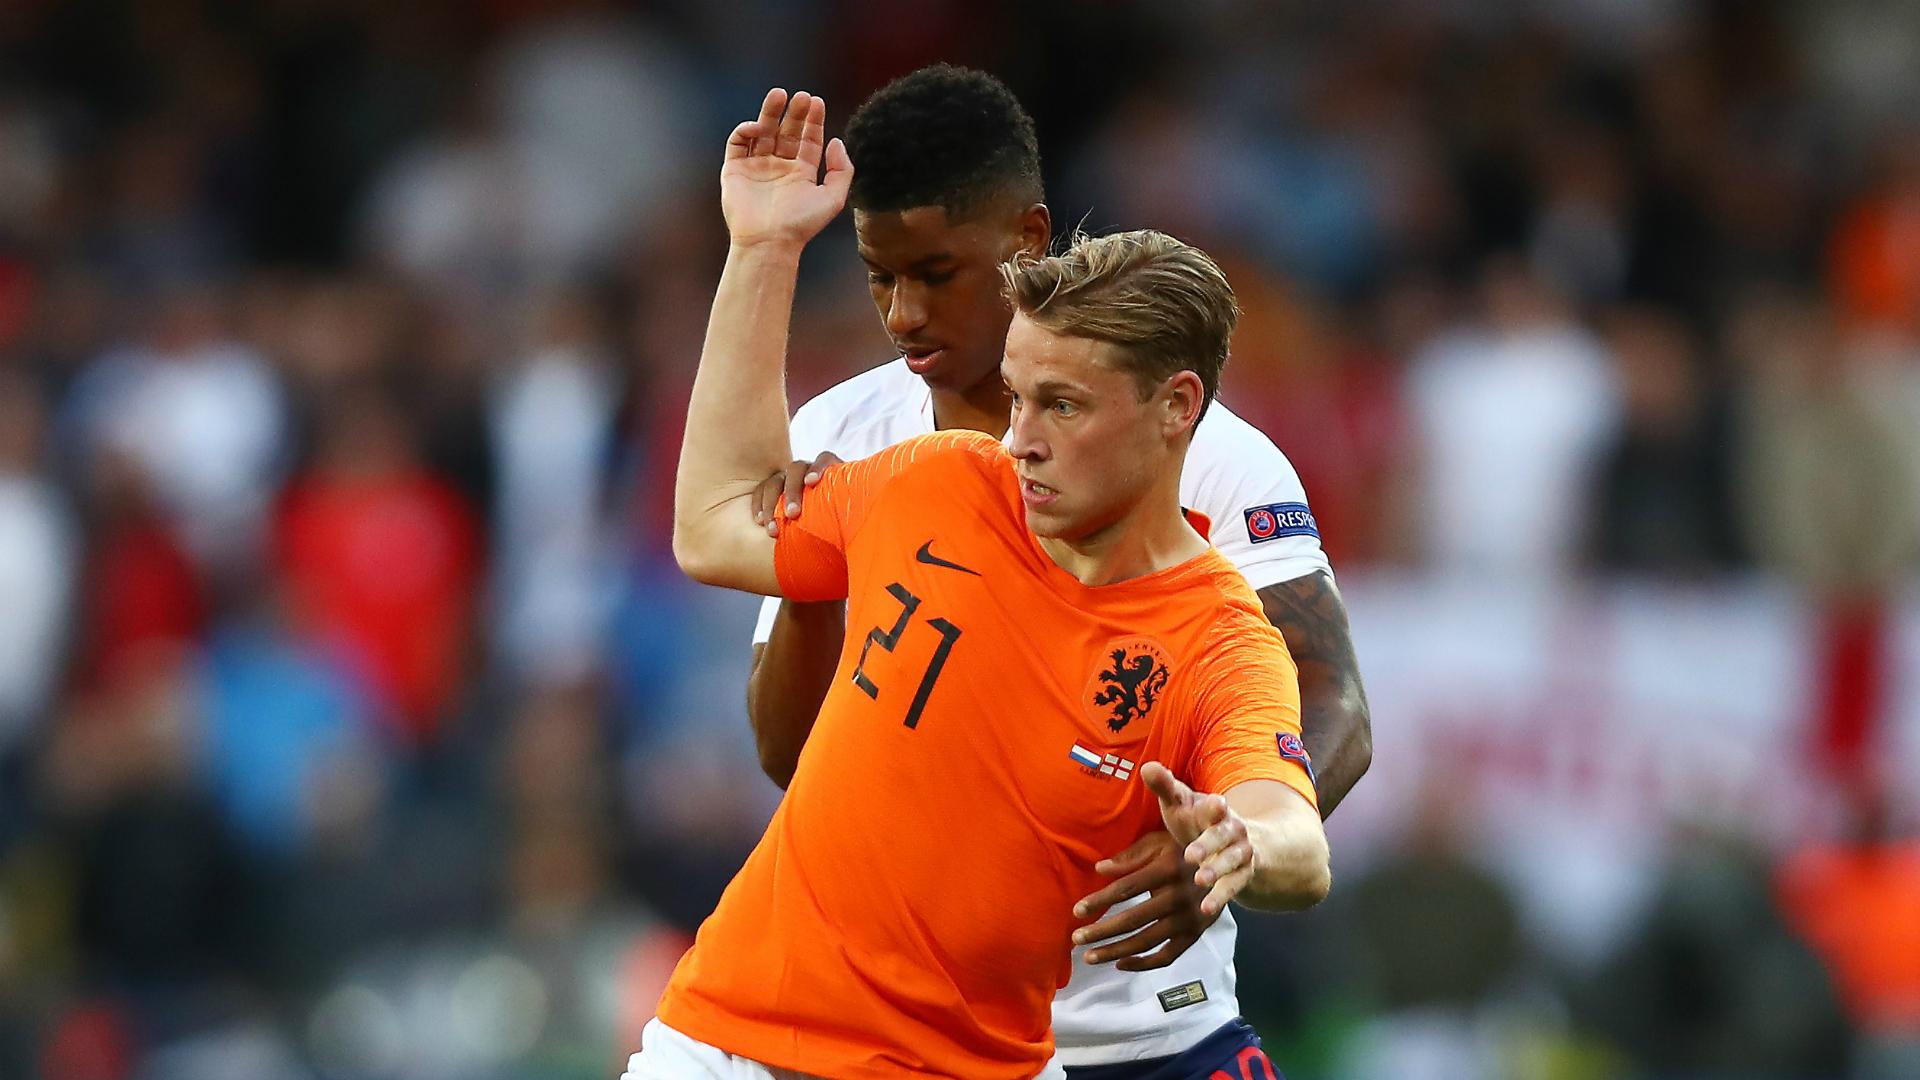 Koeman hails De Jong's defensive display